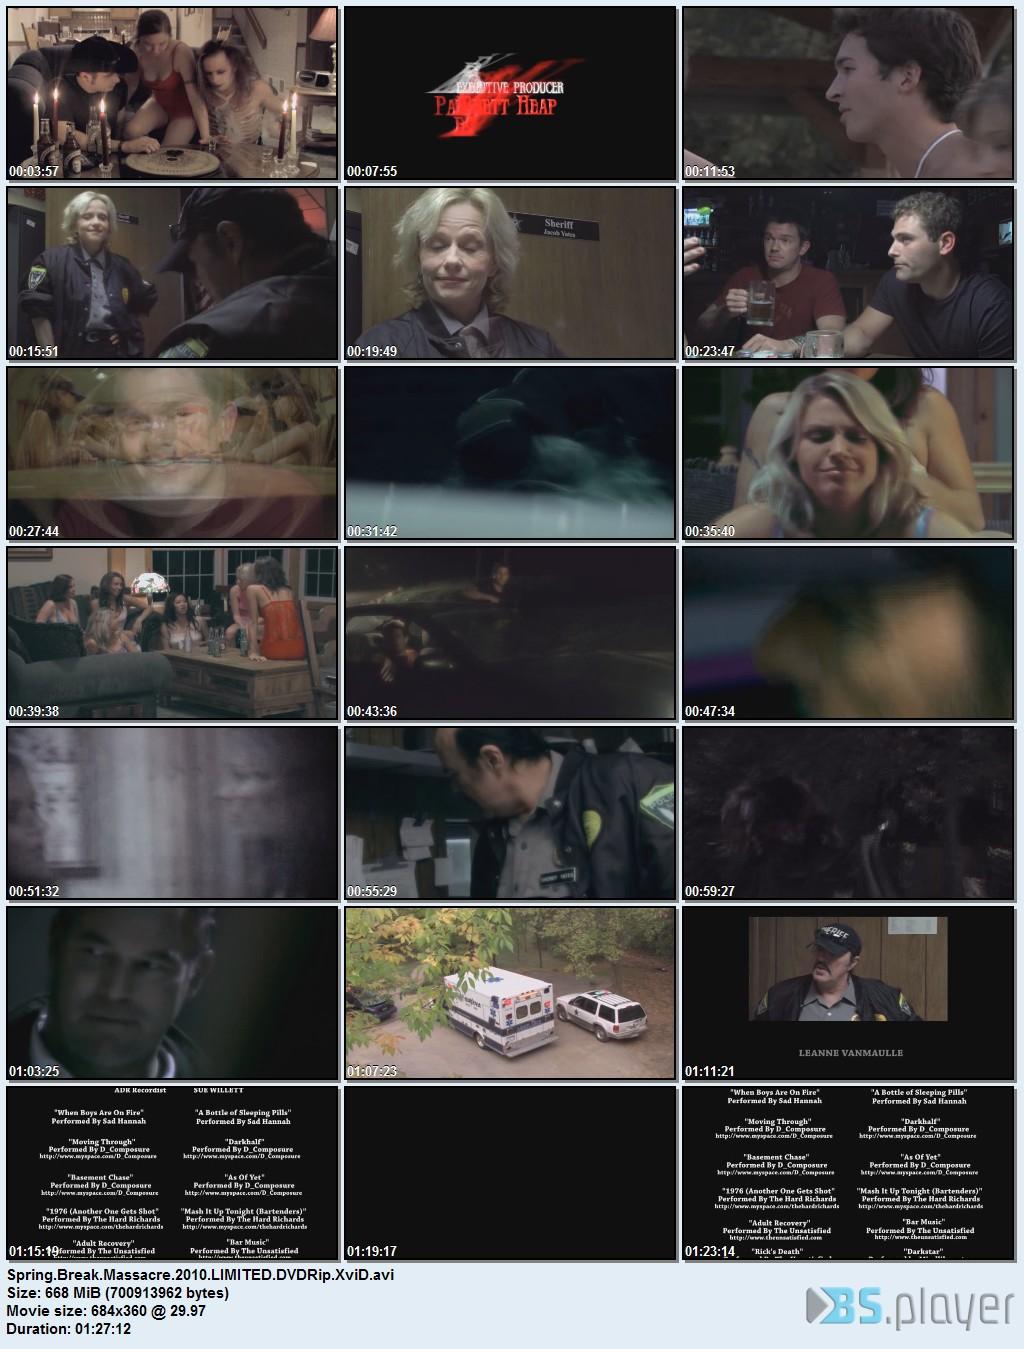 http://1.bp.blogspot.com/-i_H734-ac0g/TV7BjhHWqrI/AAAAAAAABAI/uqd74Ba98O0/s1600/Spring.Break.Massacre.2010.LIMITED.DVDRip.jpg